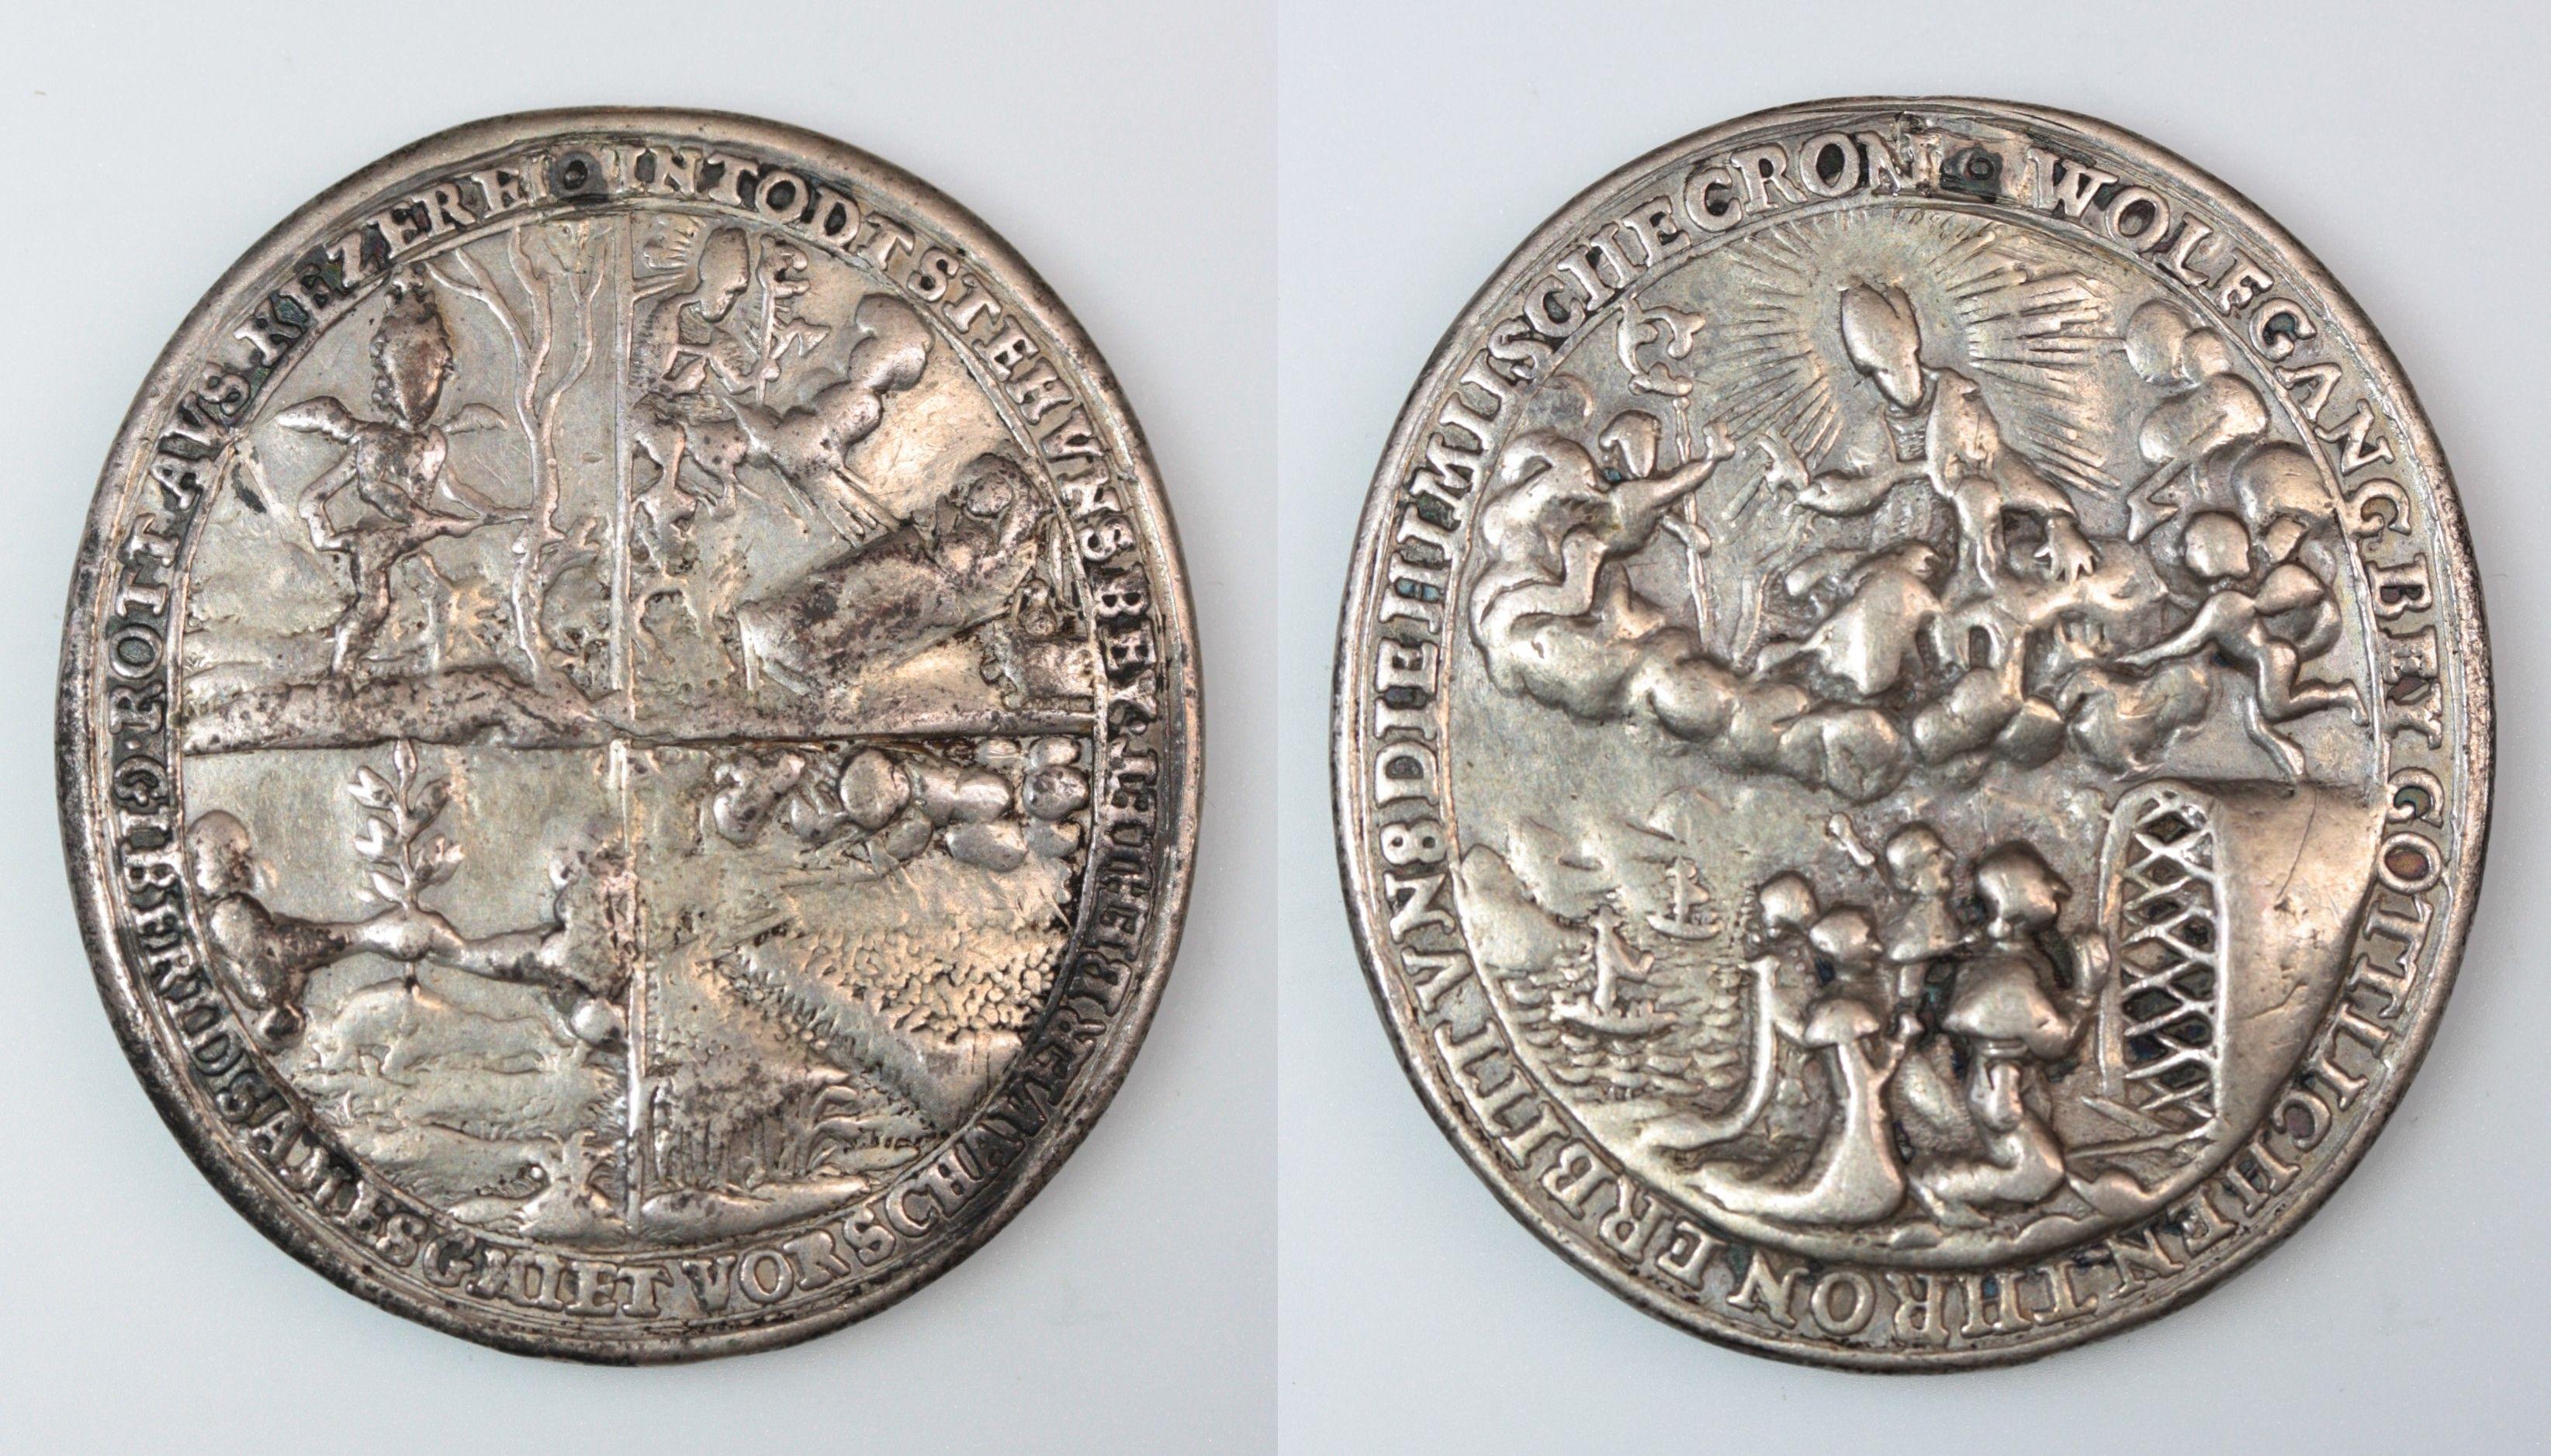 St. Wolfgang 1719